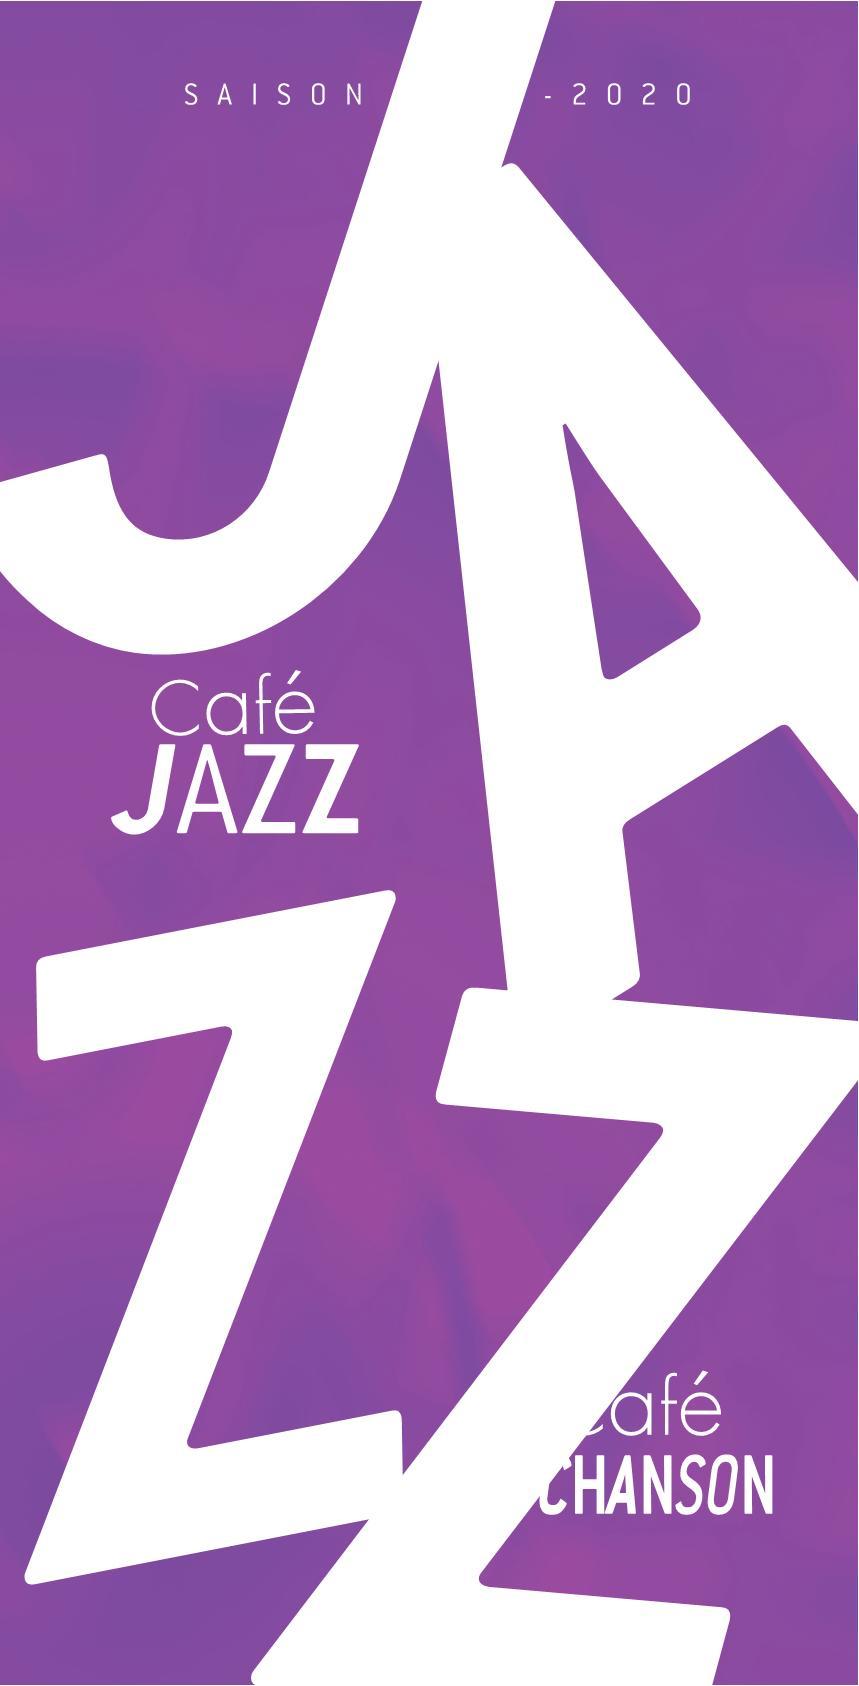 Saison Café Jazz Chansons Epinal 2019-2020